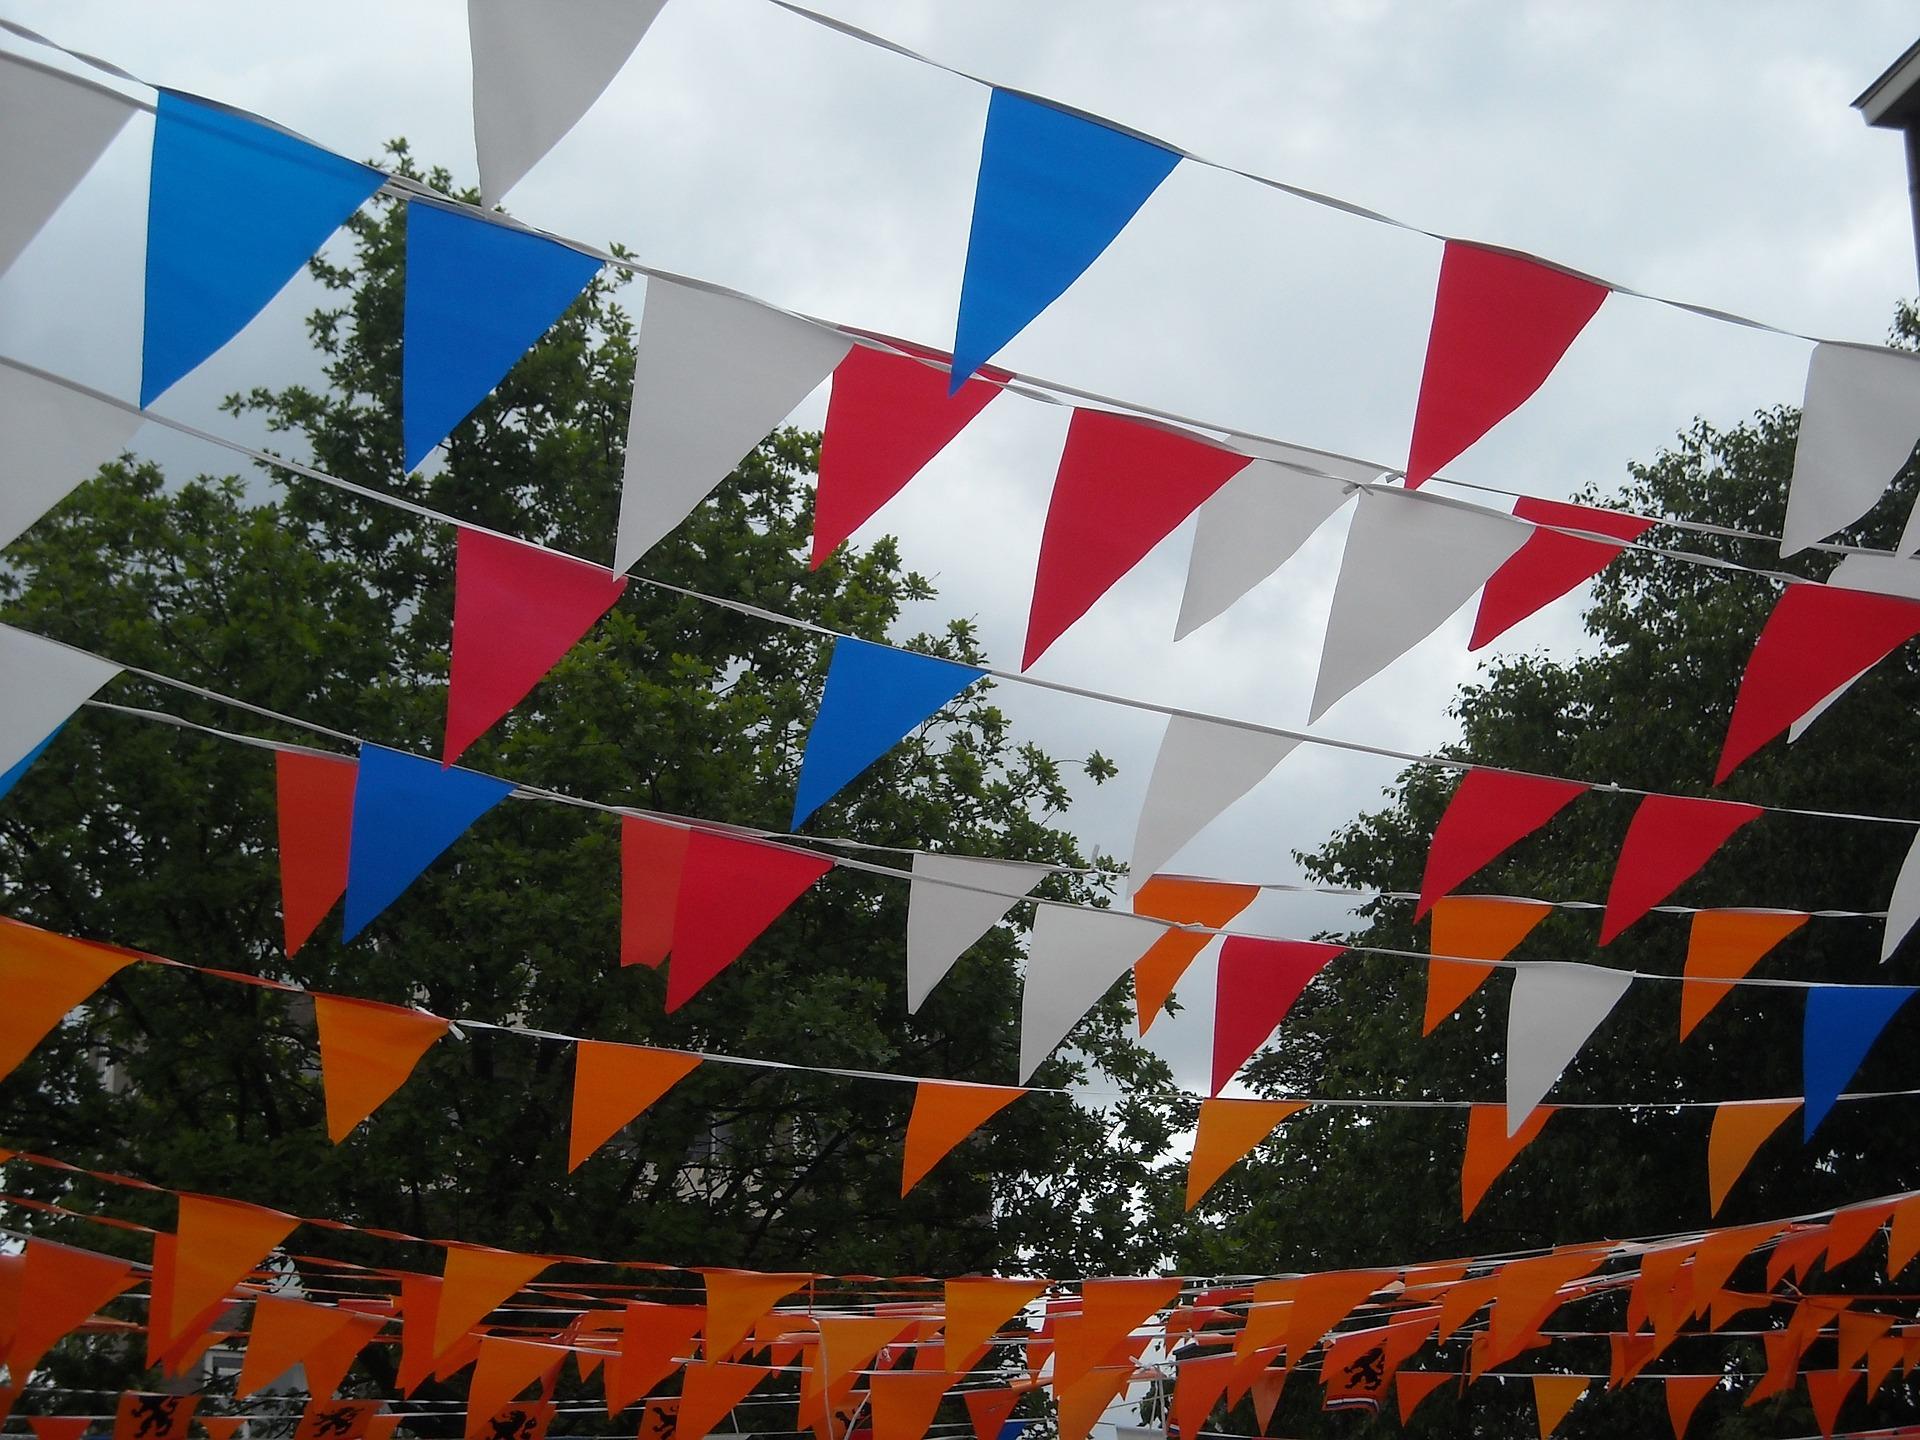 Banderas fiesta